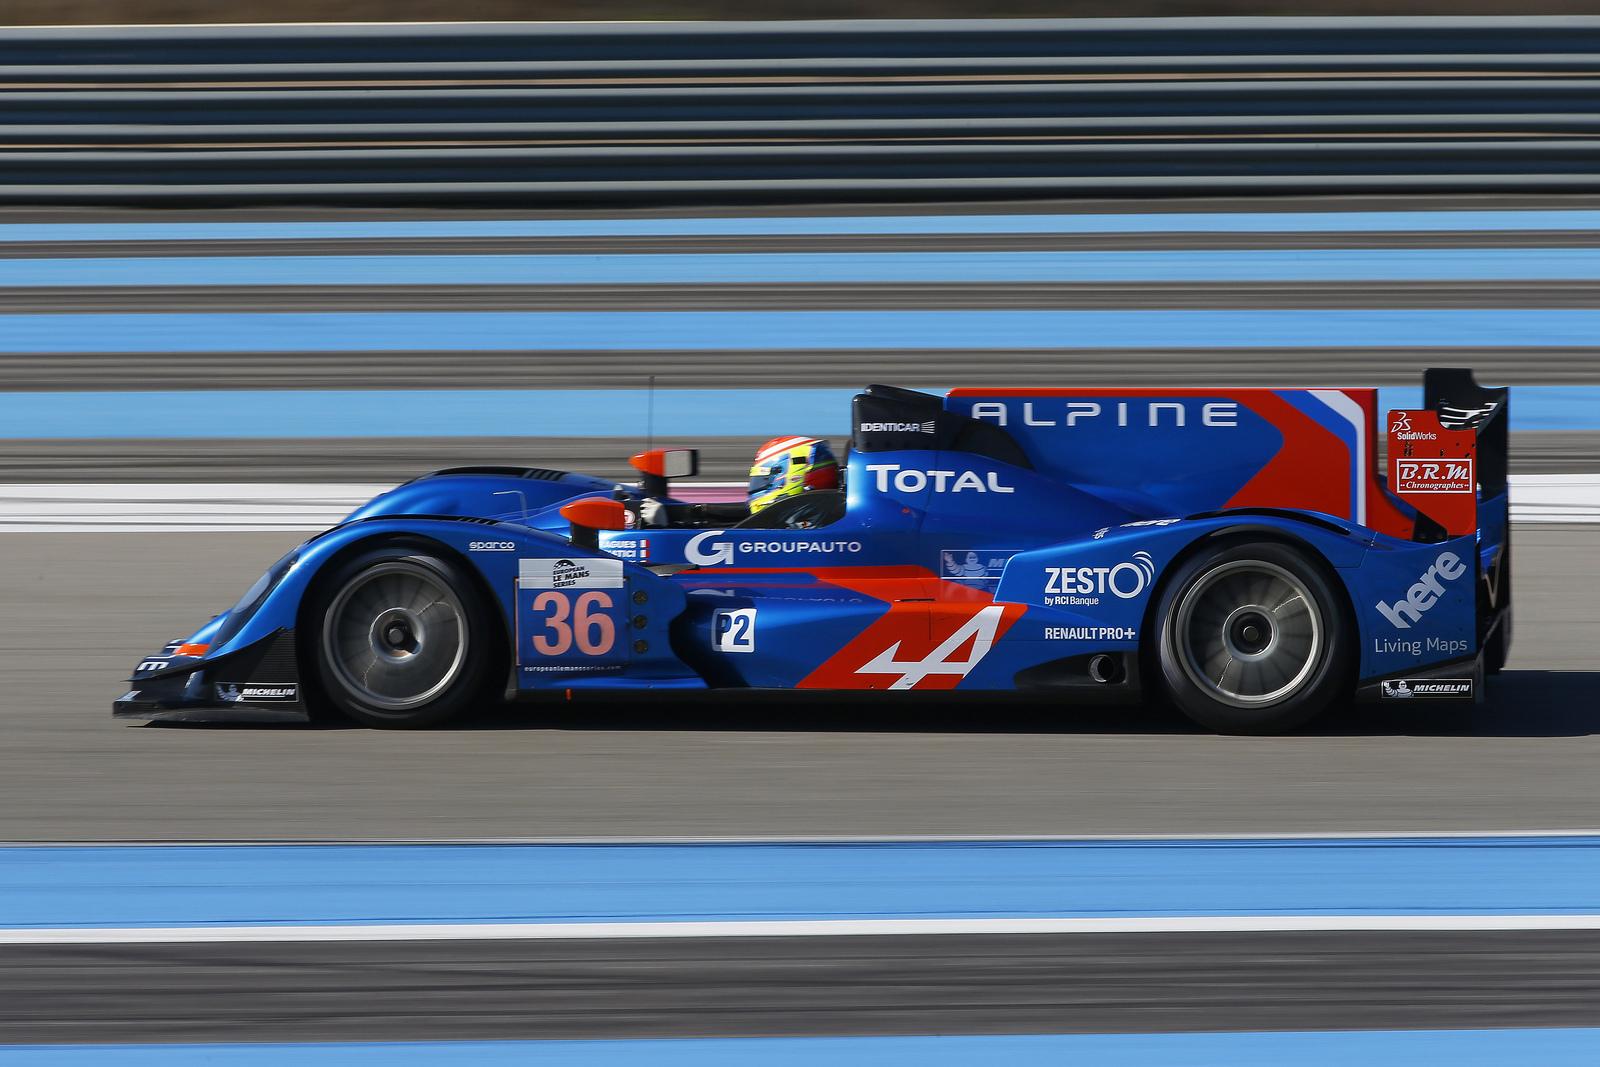 Le client SolidWorks  « Signatech » contribue à donner une nouvelle vie à la voiture de course Alpine au Mans